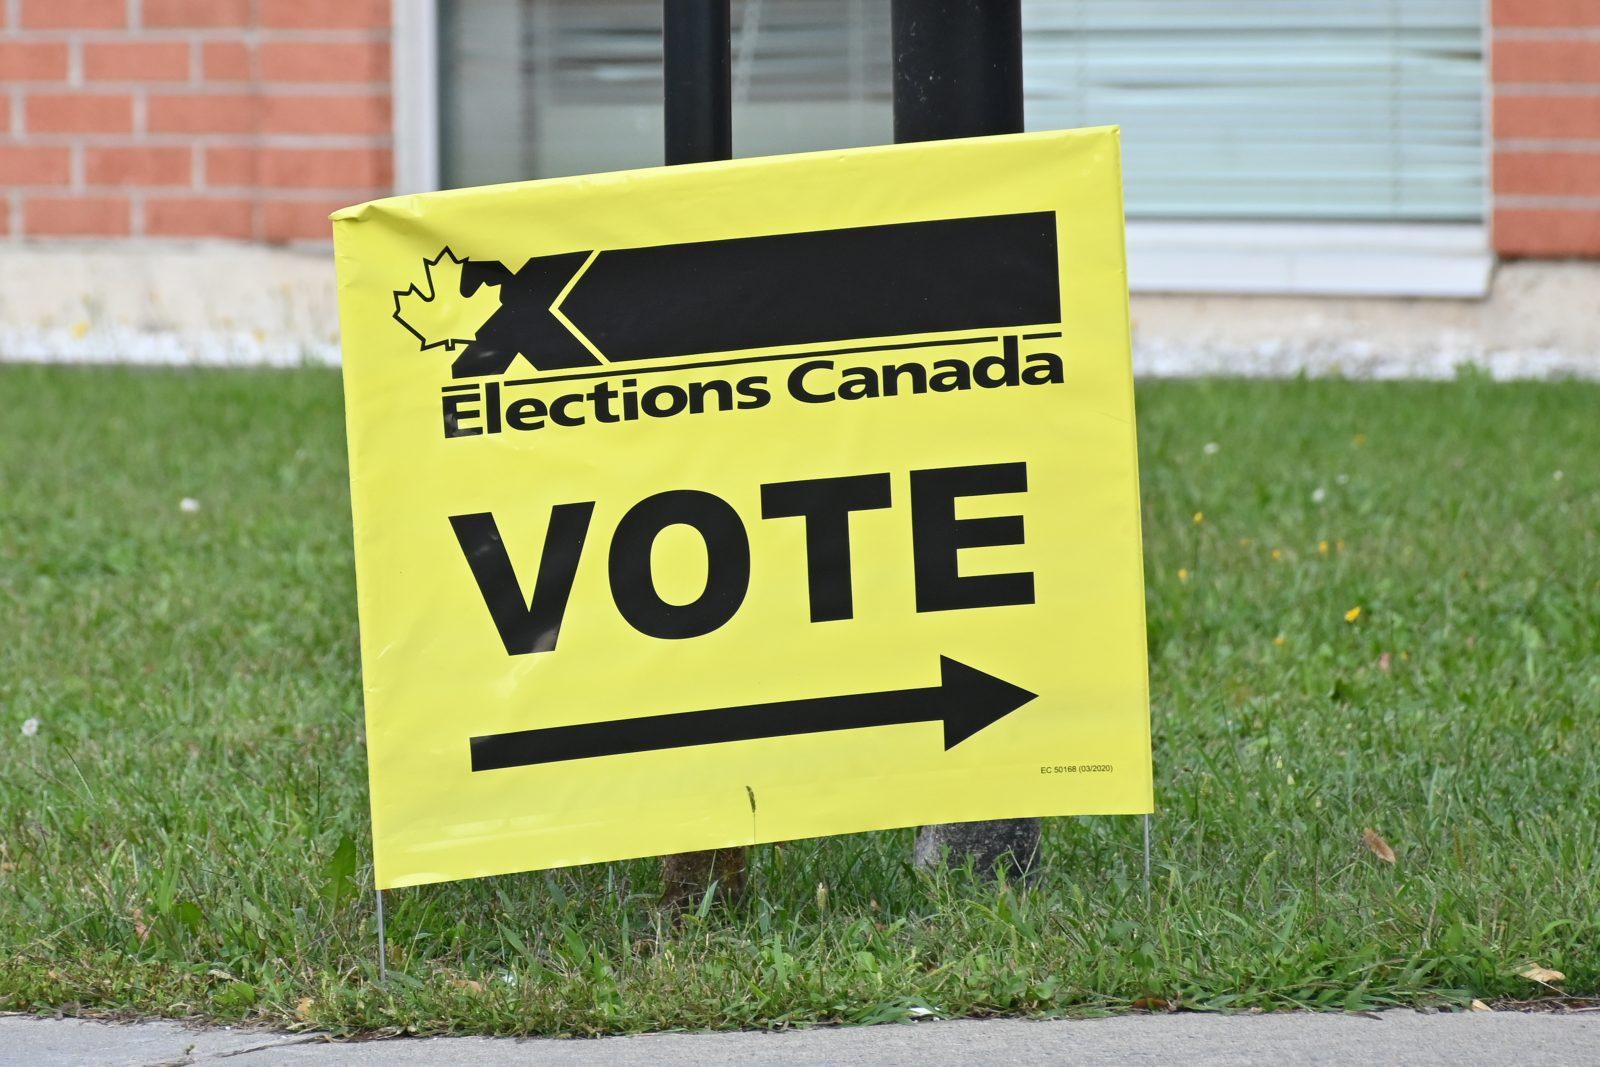 Le vote du 20 septembre a lieu de 9h30 à 21 h30